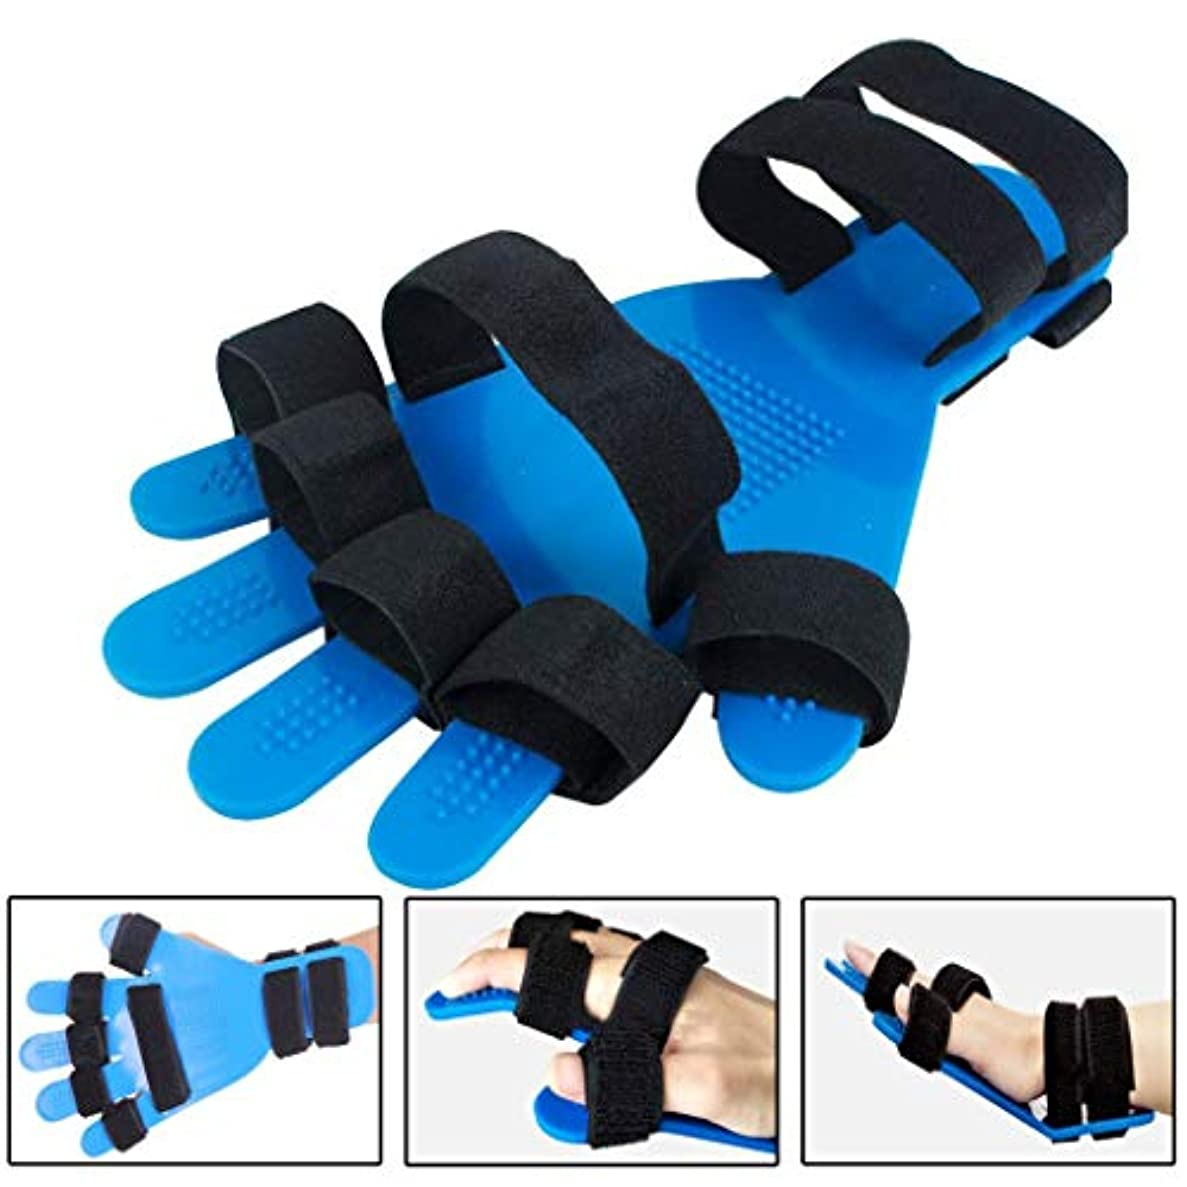 に慣れ買い物に行くよろしく指の添え木指板指の分離器 - 脳卒中/片麻痺/外傷性脳損傷のための指矯正器指板